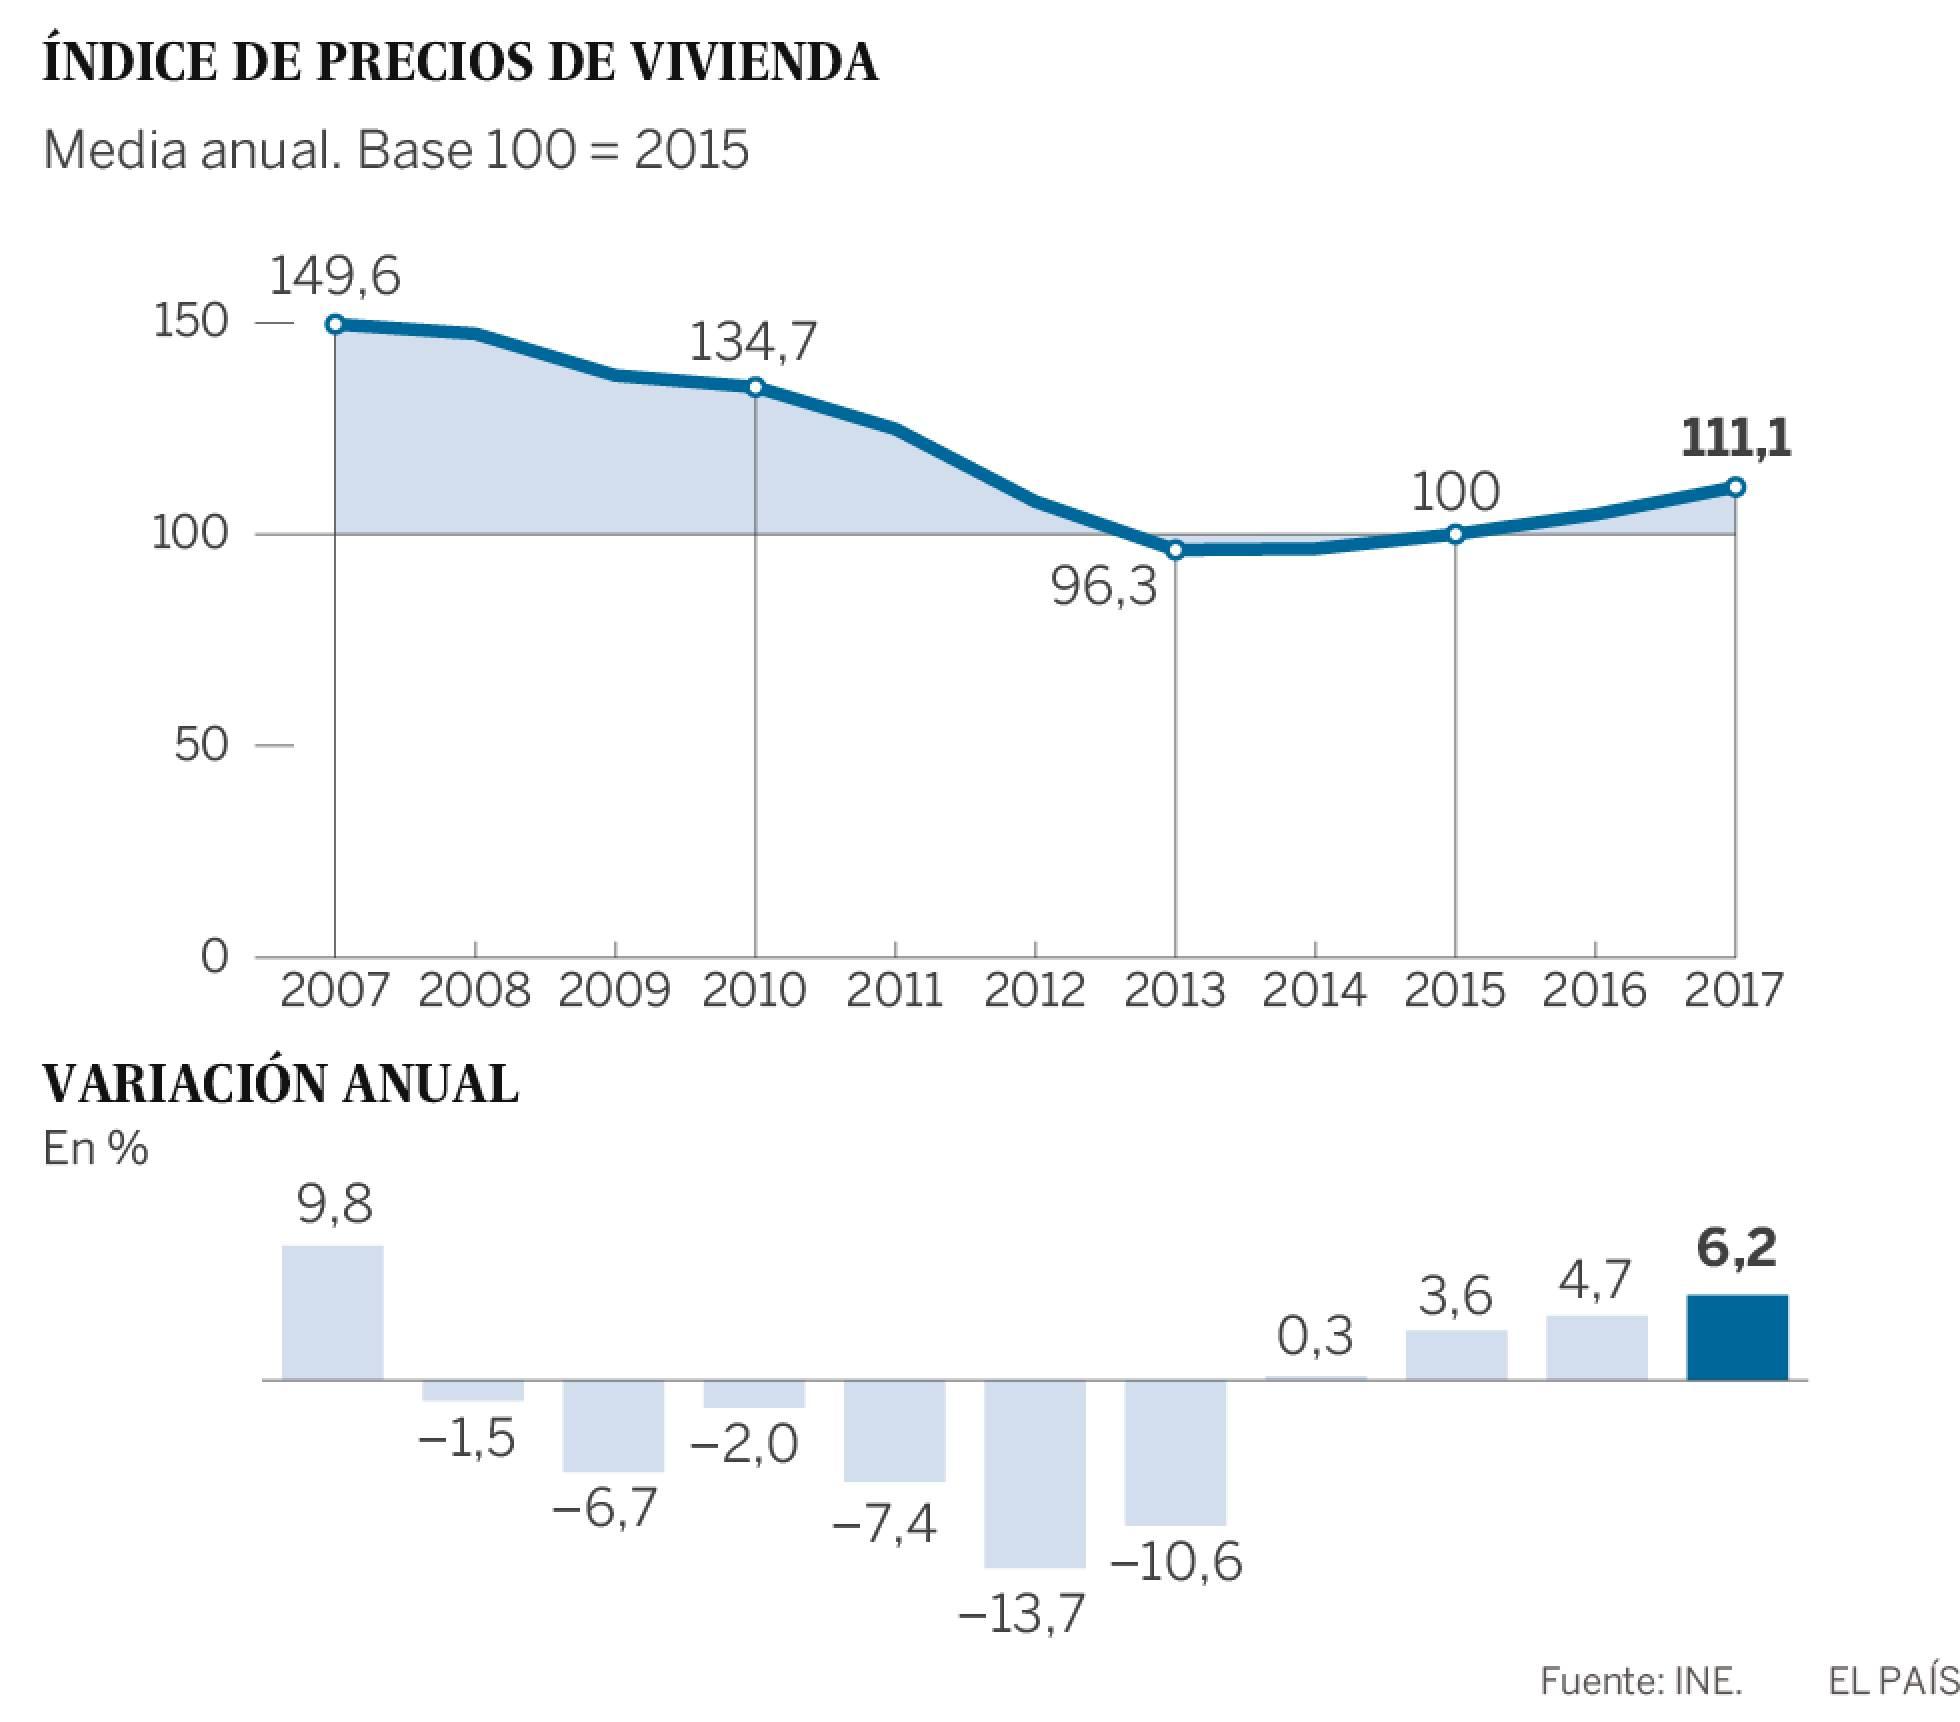 Realidades de la vivienda en el capitalismo español. Luchas contra los desahucios de viviendas. Inversiones y mercado inmobiliario - Página 21 1520501402_677524_1520527482_sumario_normal_recorte1